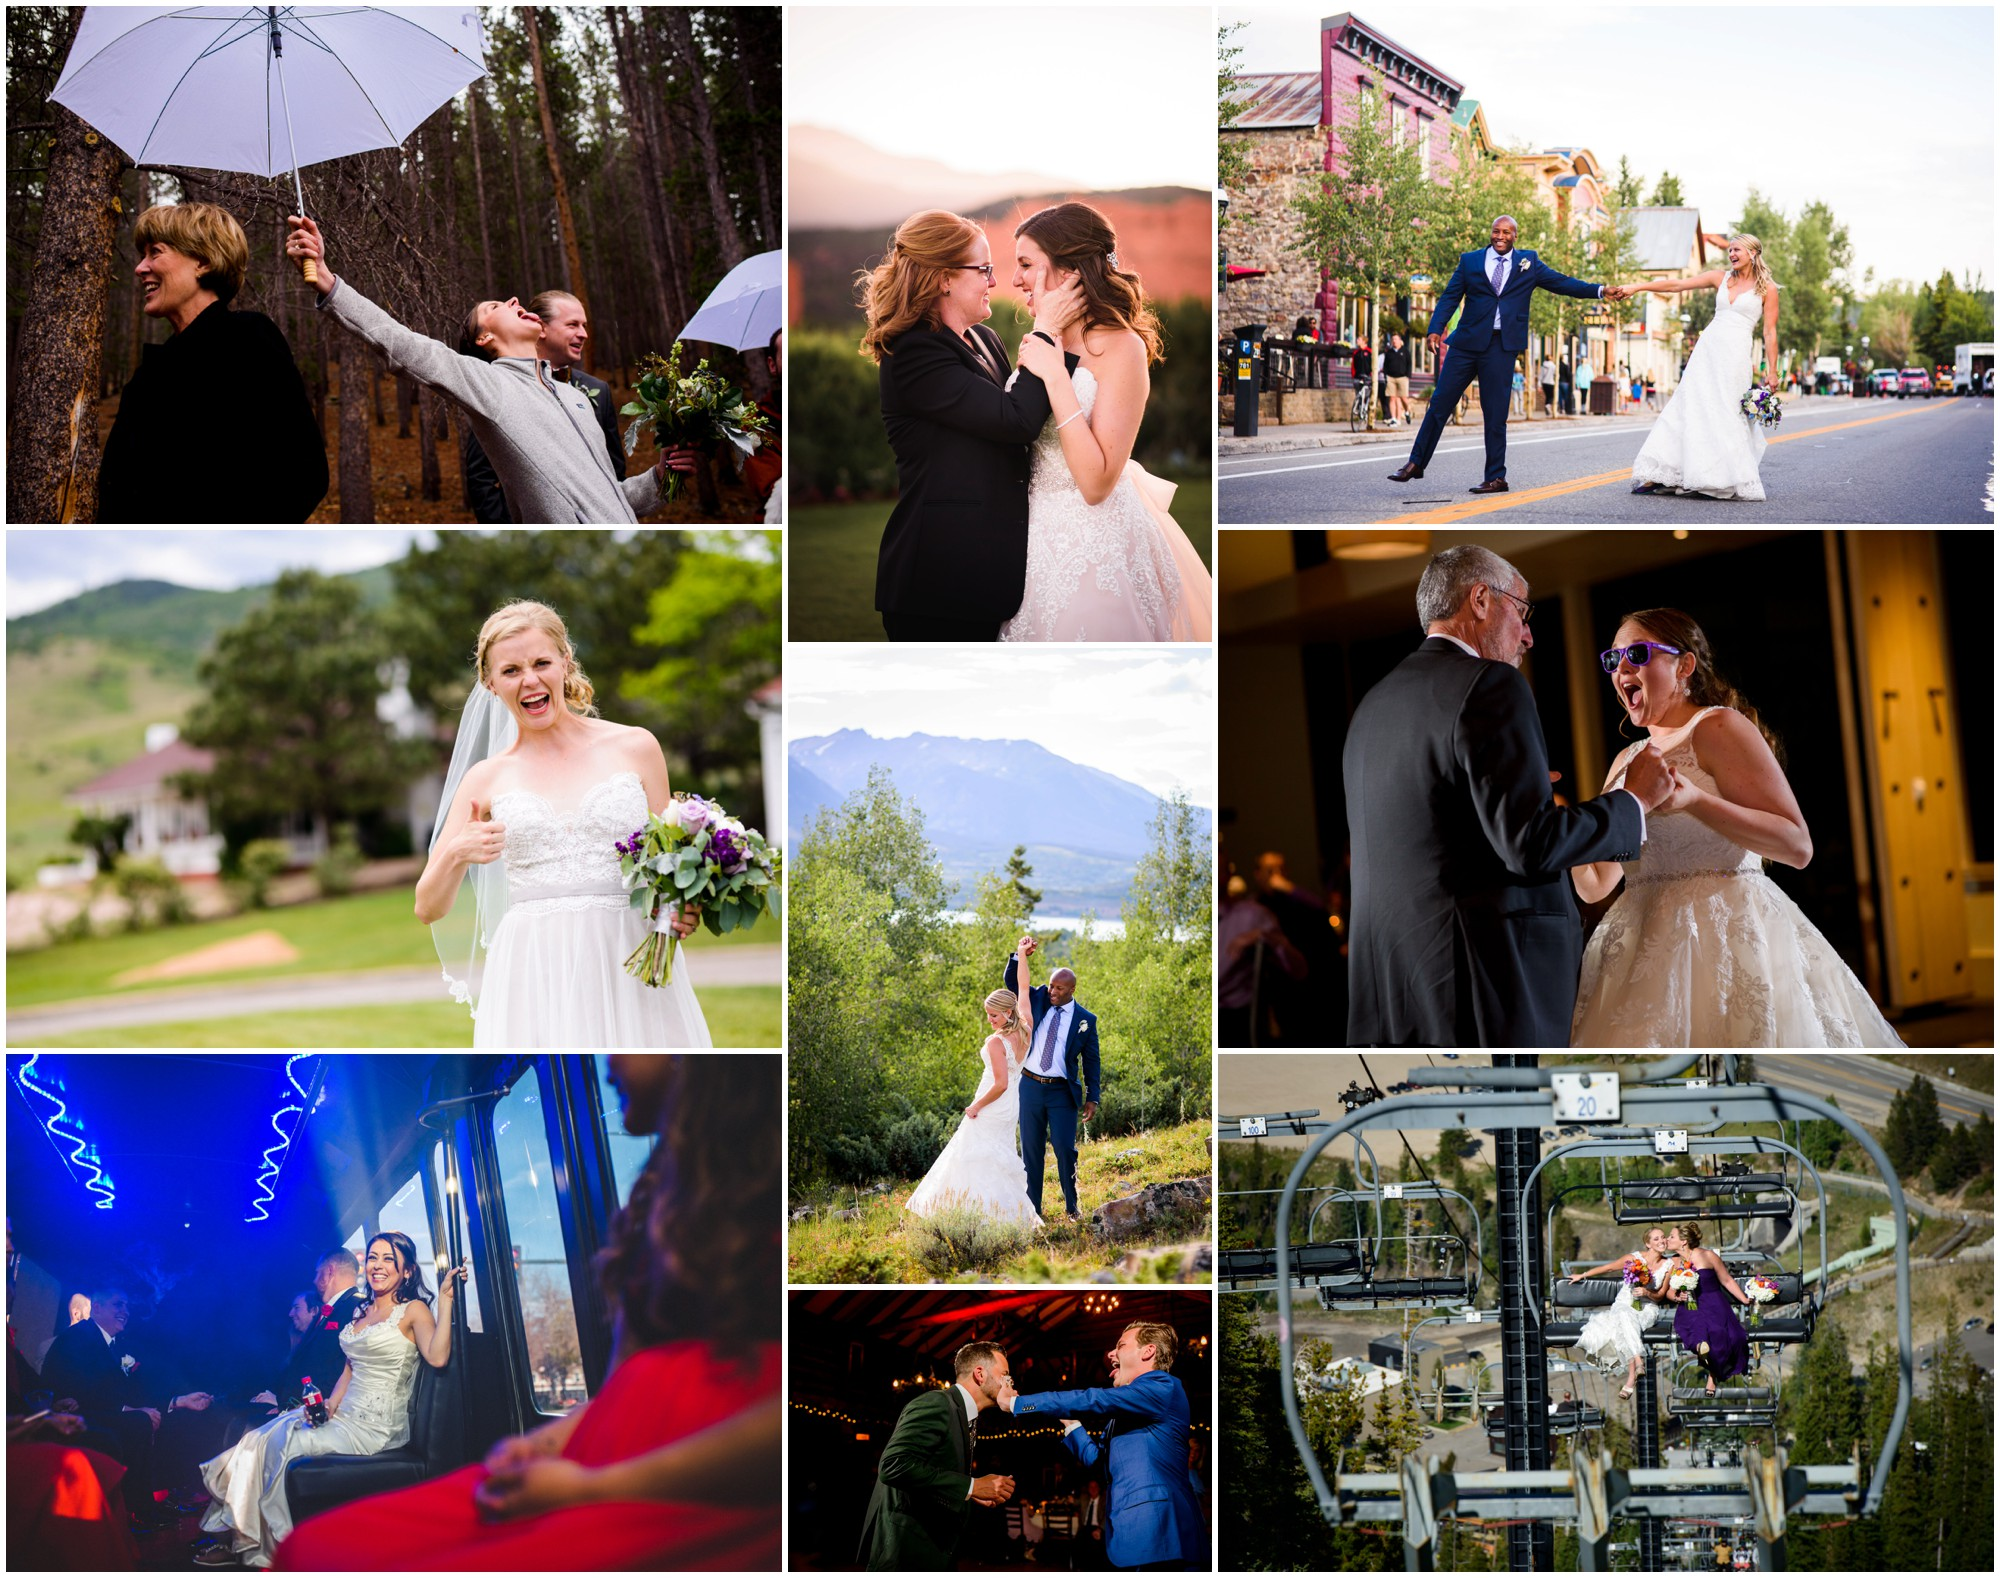 700-Estes-Park-Colorado-Fall-Wedding-Photography.jpg